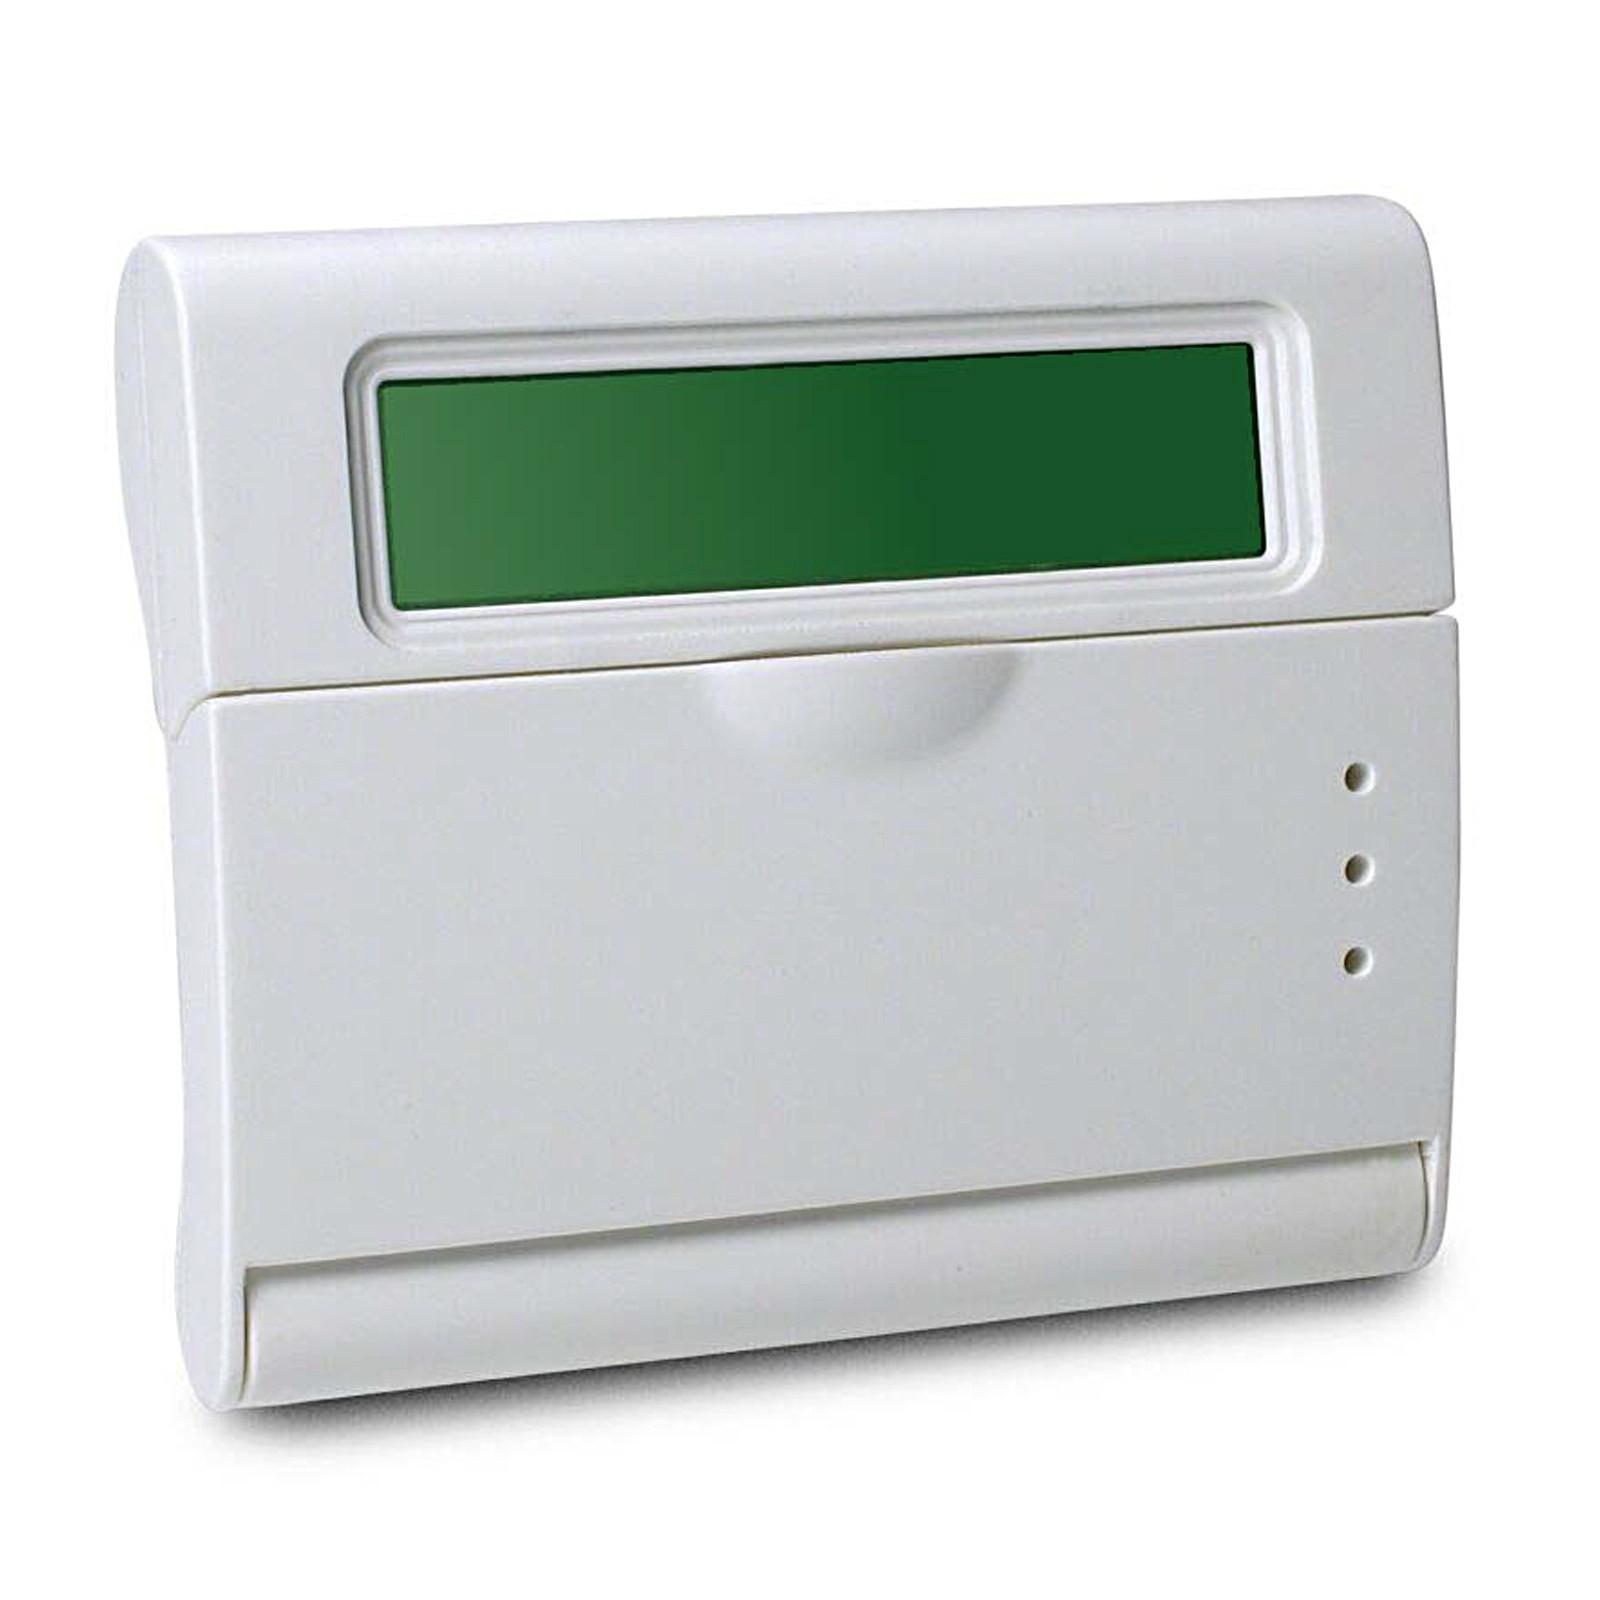 COMBINATORE TELEFONICO GSM PER ANTIFURTO ALLARME CELLULARE CASA SMS AMC VOX-OUT